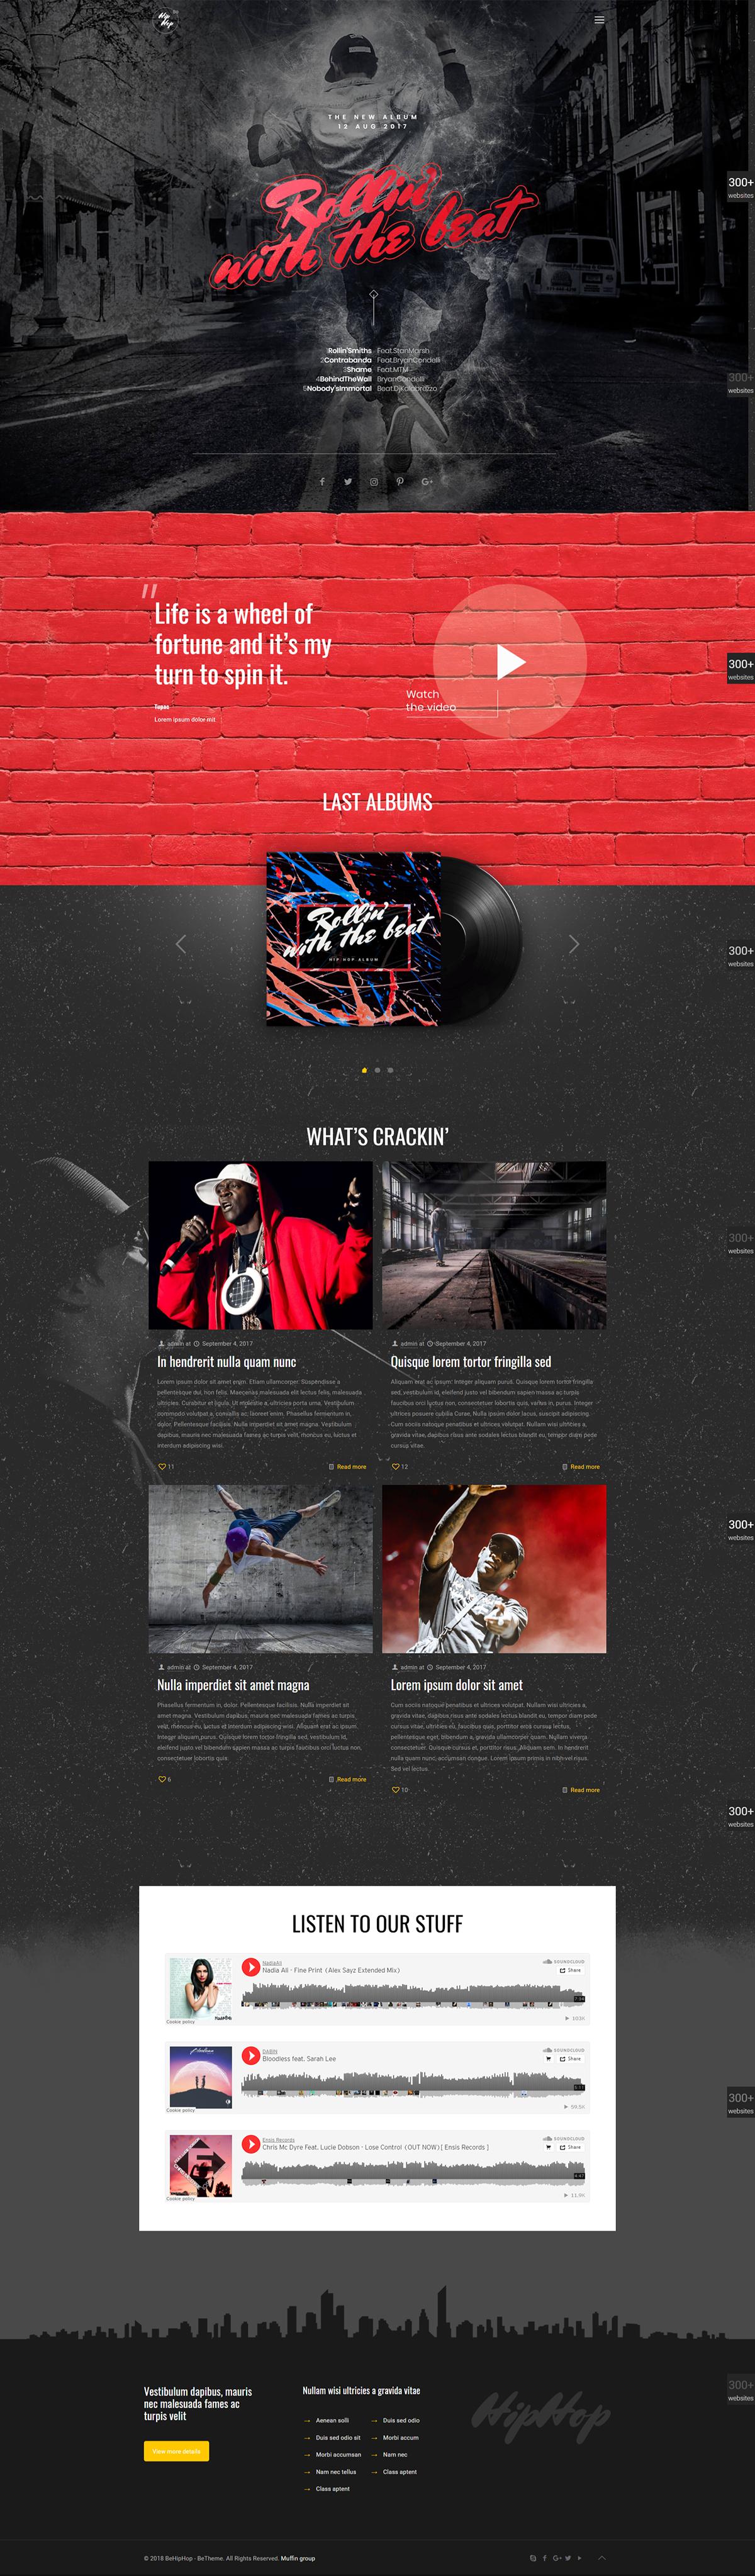 HIP HOP - WordPress Creative Website Template Design. on Behance